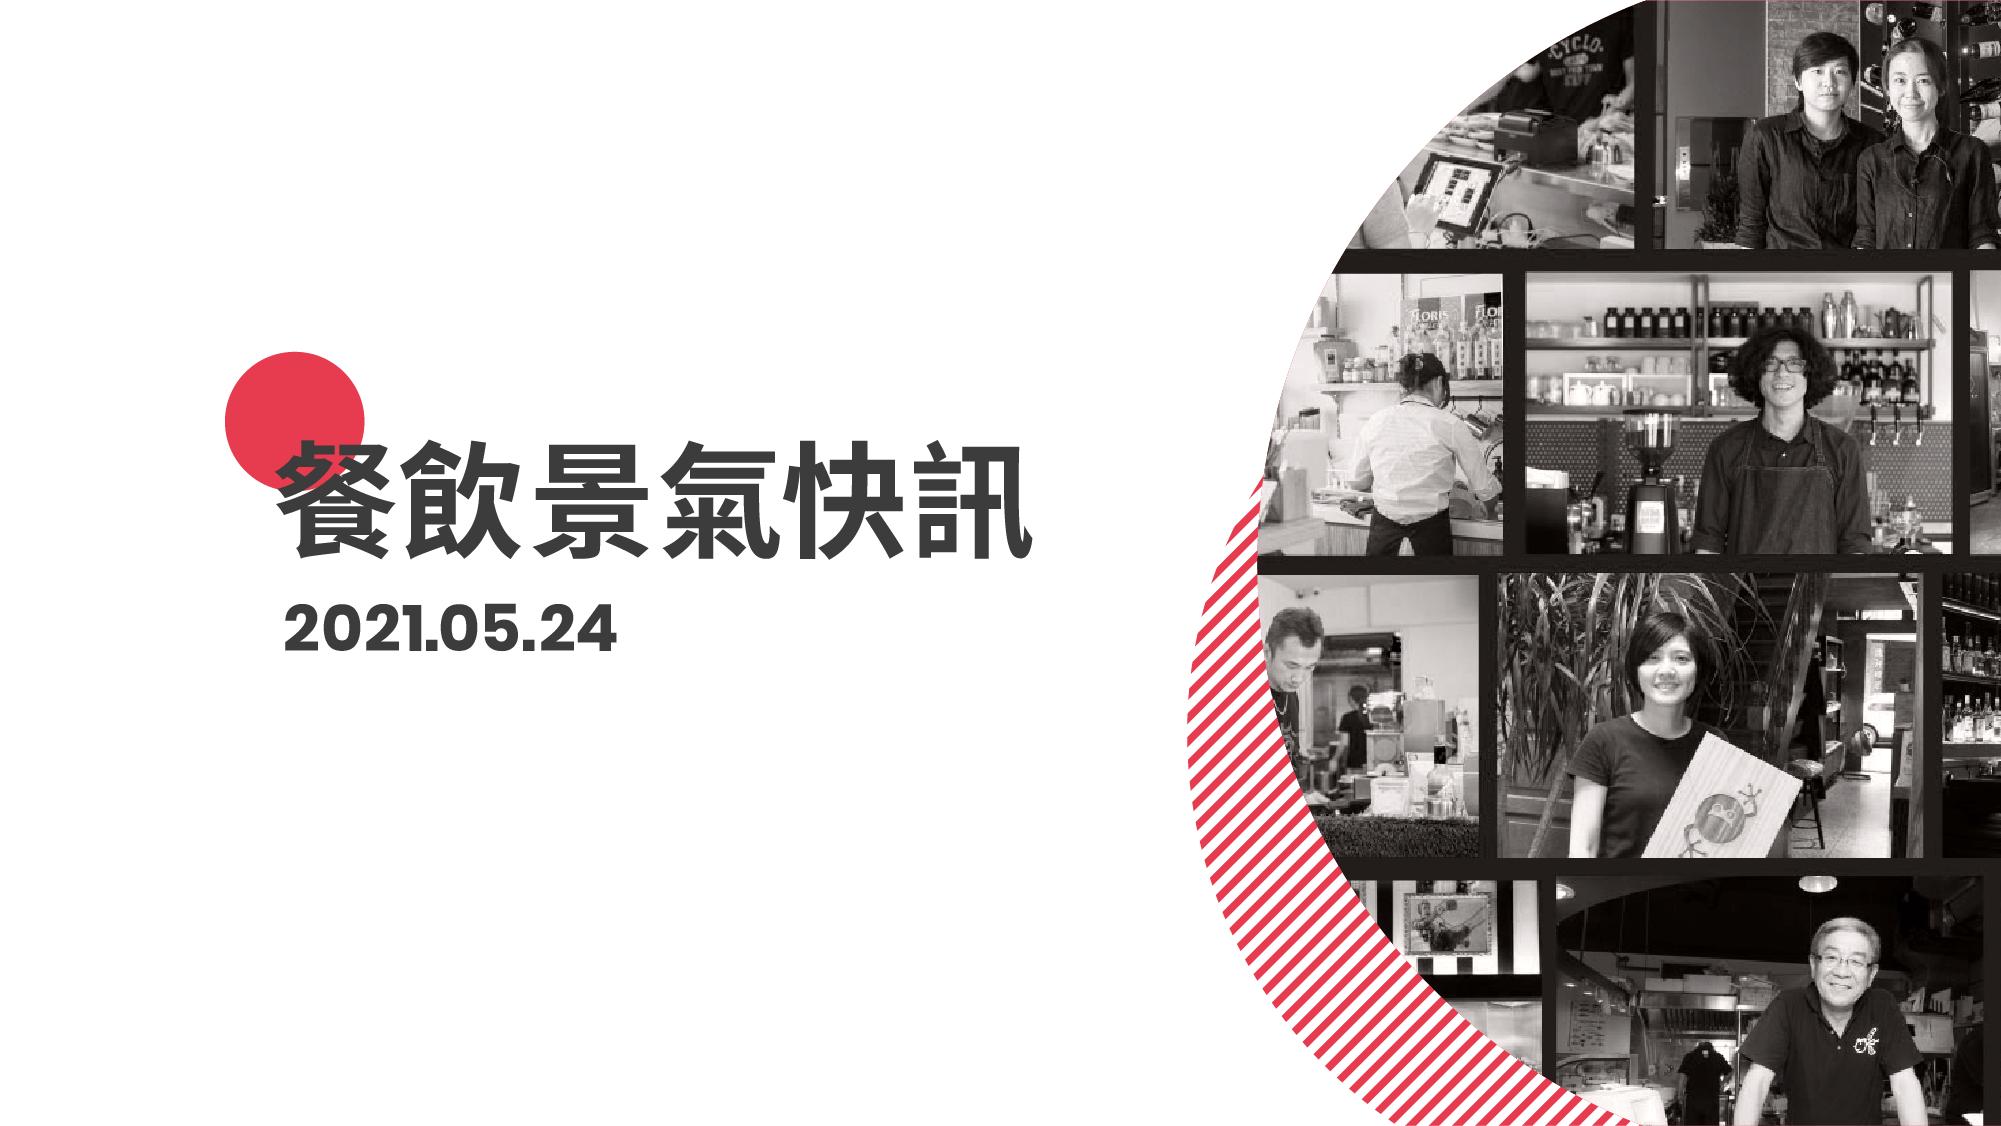 2021 疫情餐影景氣快訊 0524